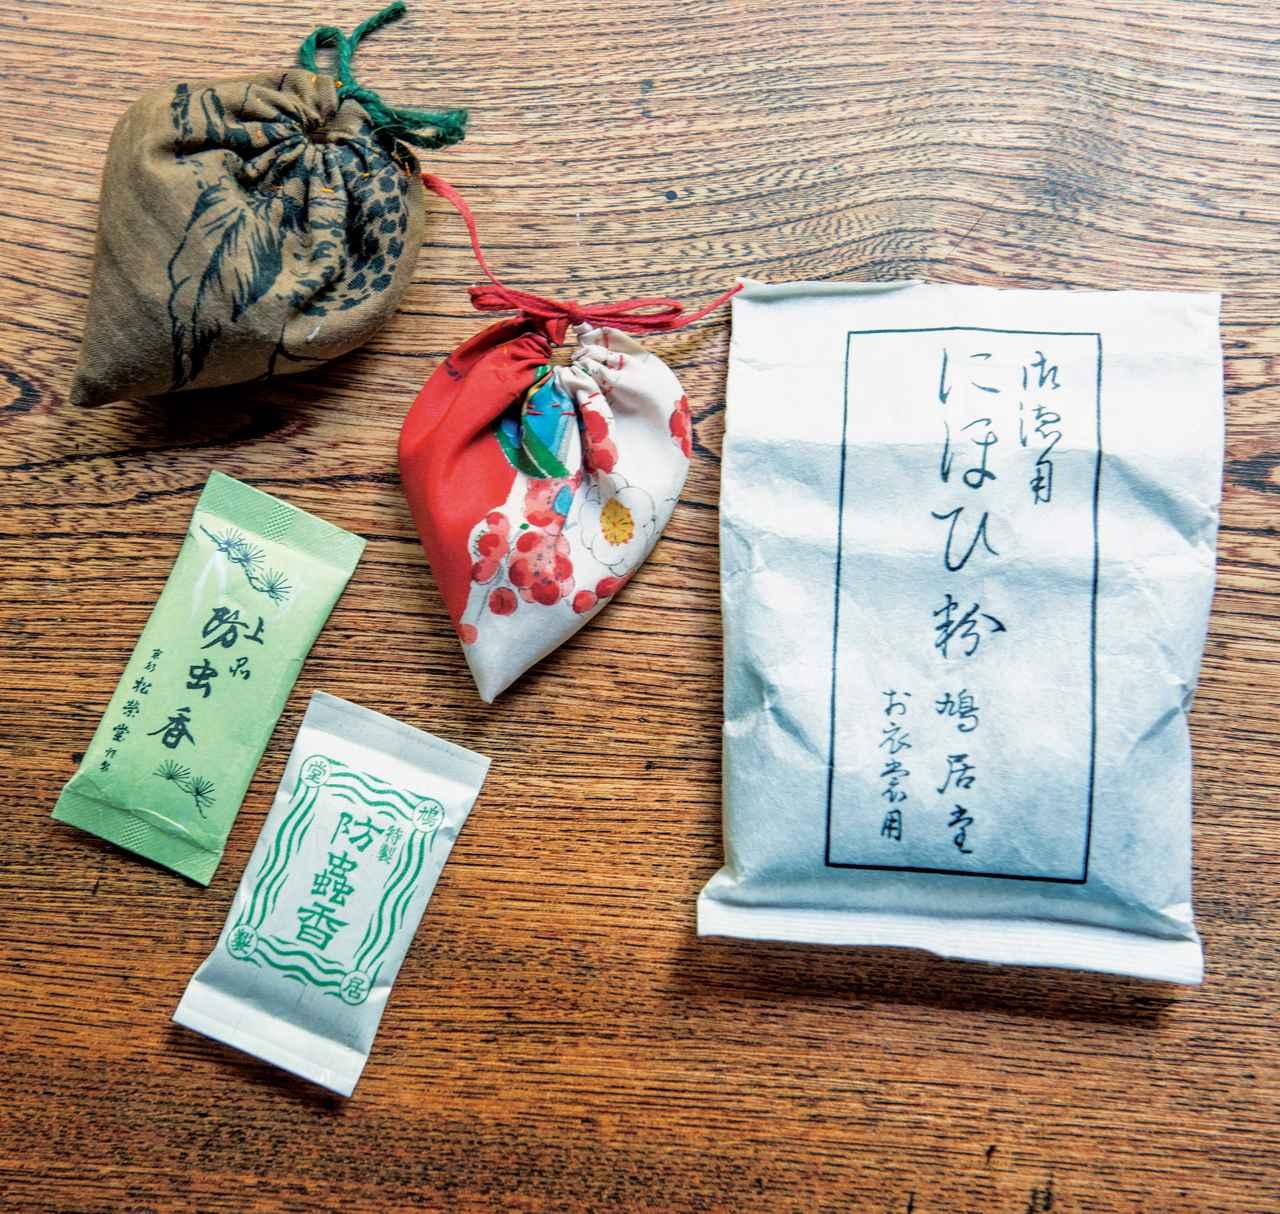 画像: 天然素材を使った鳩居堂の「にほひ粉」や「防虫香」で、におい袋を手づくり。「布や端布は山ほど持っていて、見ているだけで楽しくて幸せ」